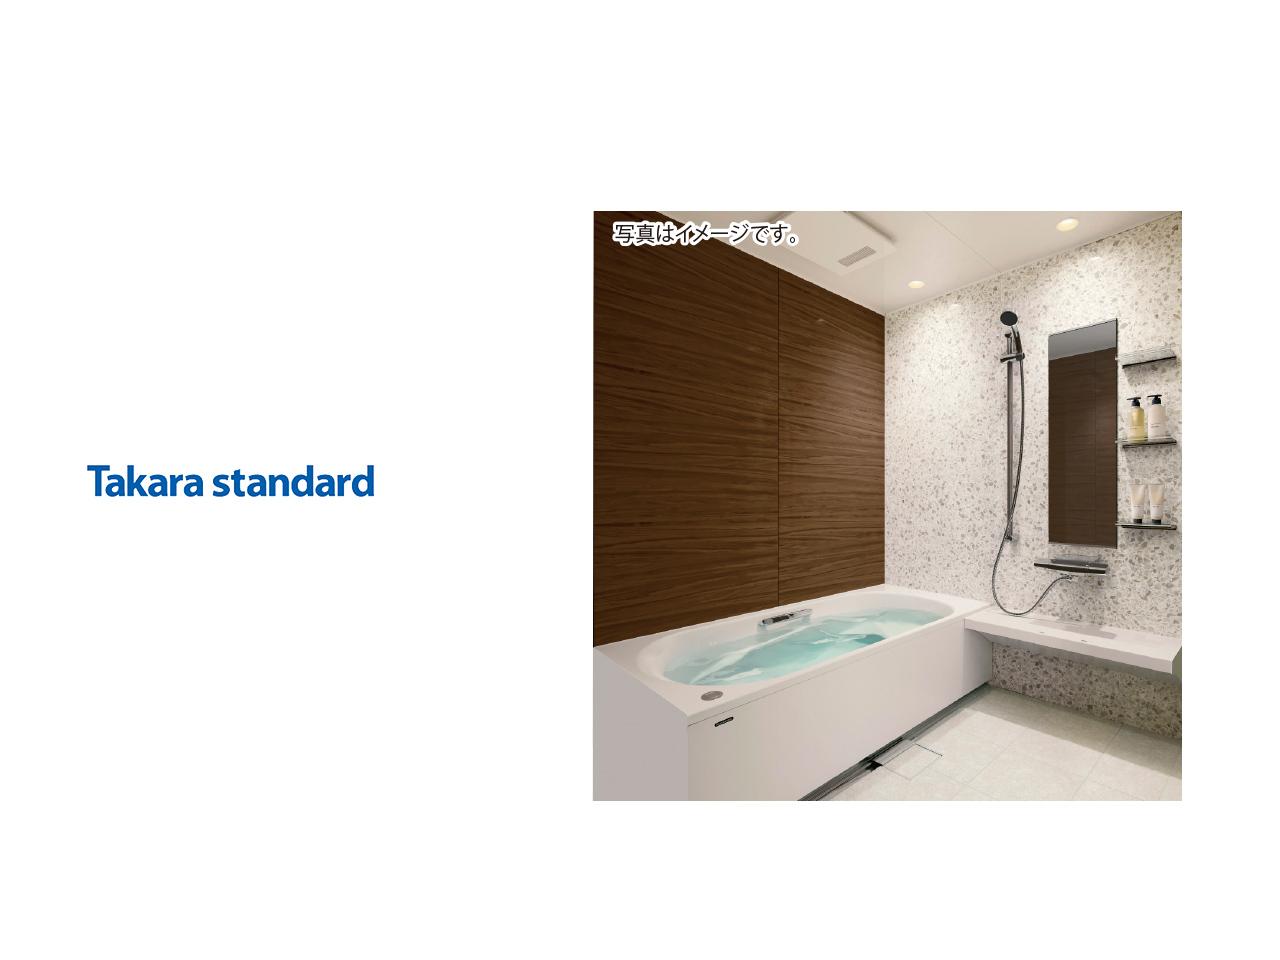 画像:Takara Standard システムバス  伸びの美浴室